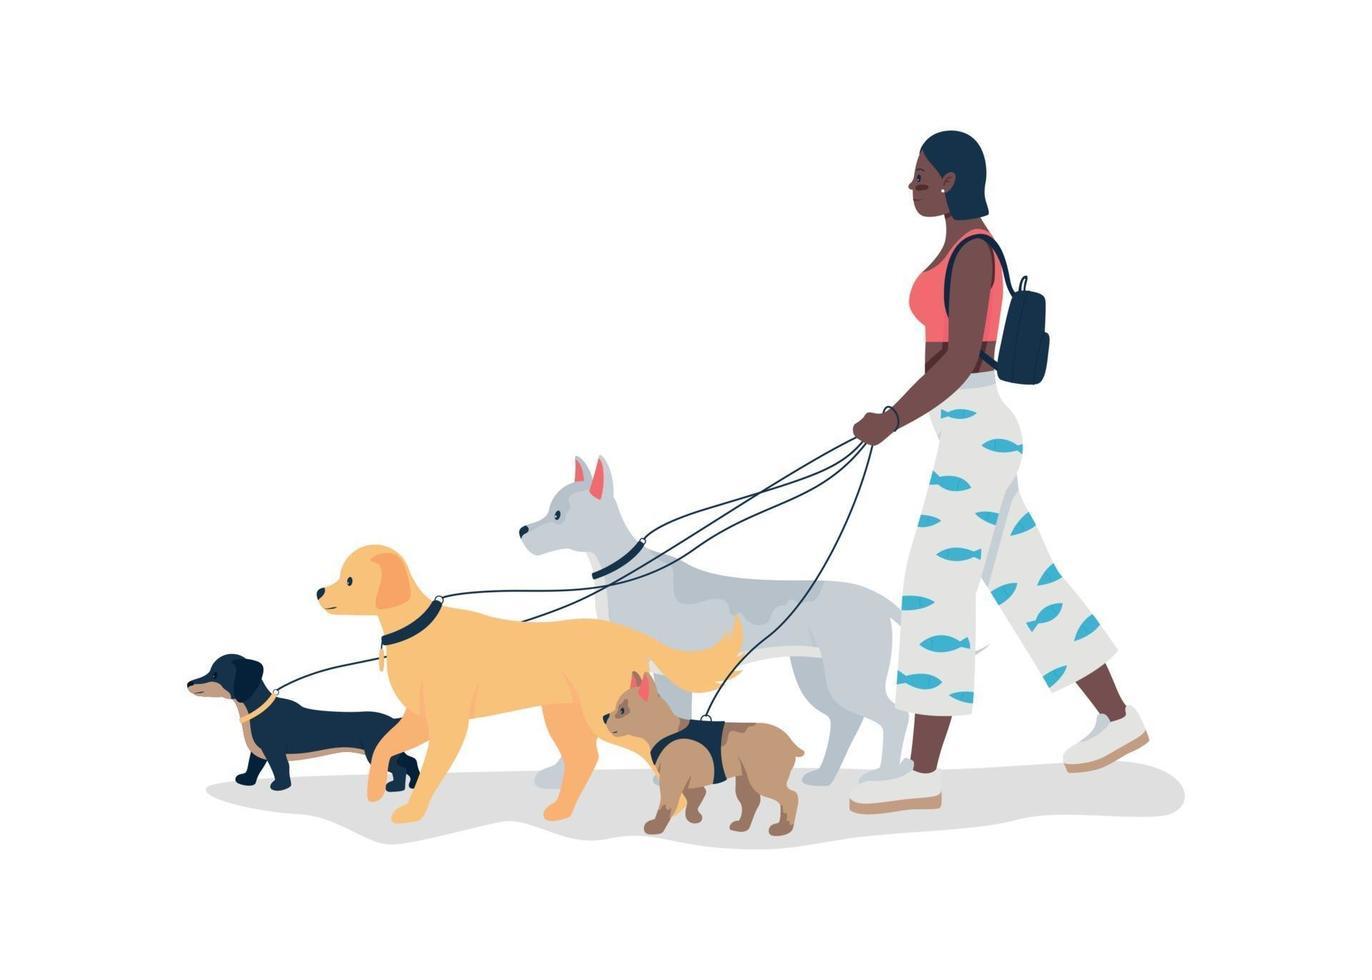 afroamerikansk flicka gå hundar i koppel platt färg vektor detaljerad karaktär